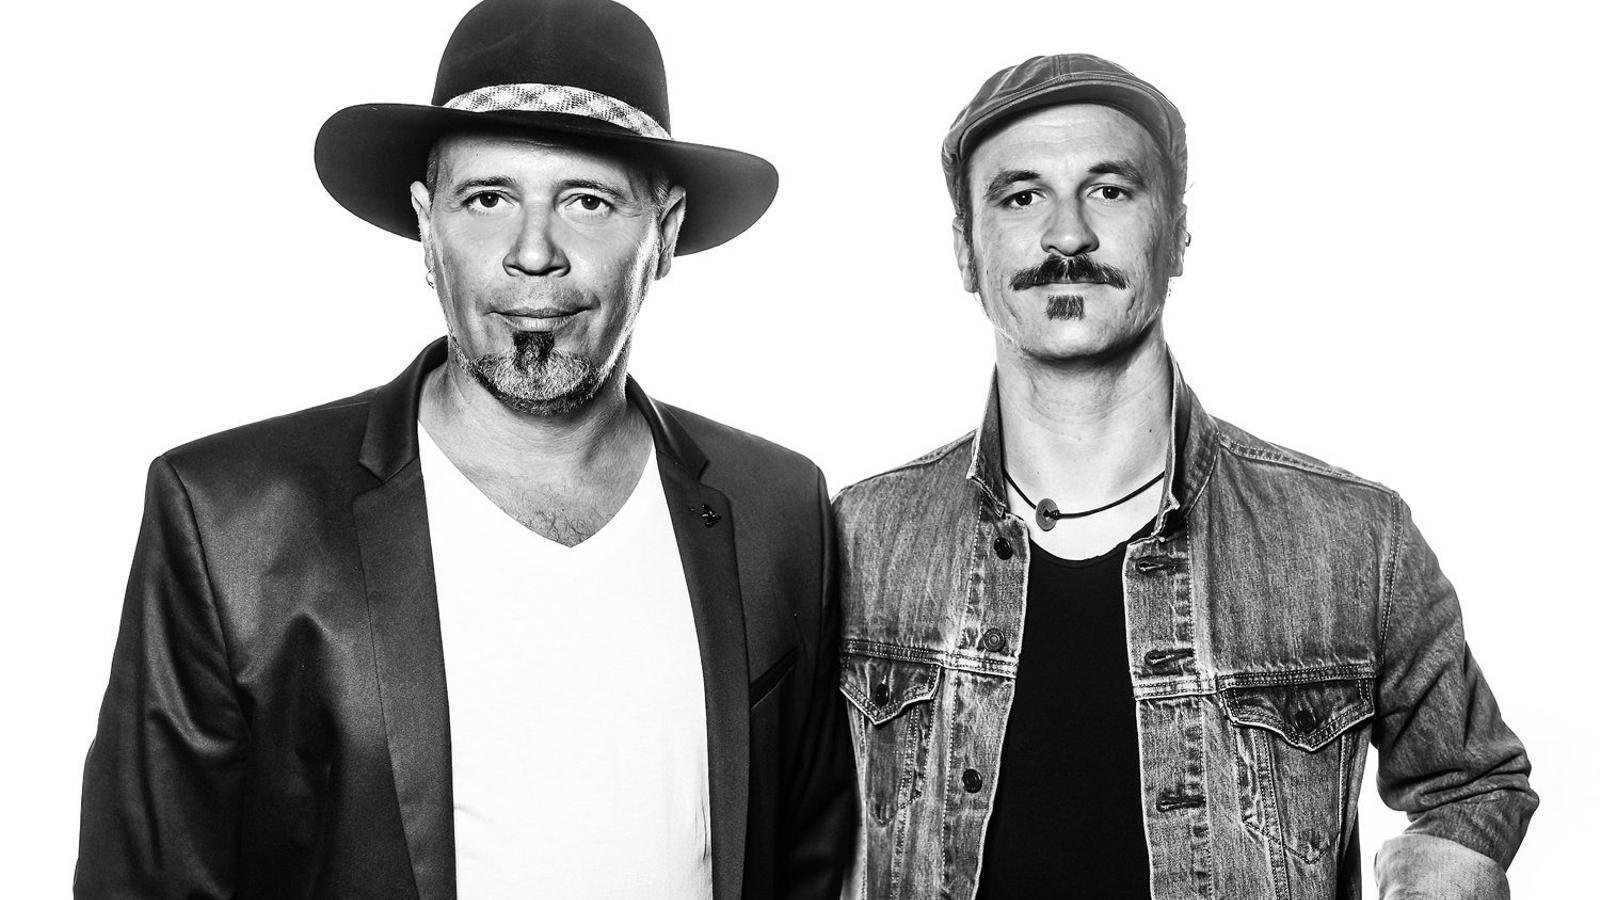 David Serra i Joan Barbé, el nucli creatiu de Projecte Mut, en una imatge promocional del disc La vida rima.